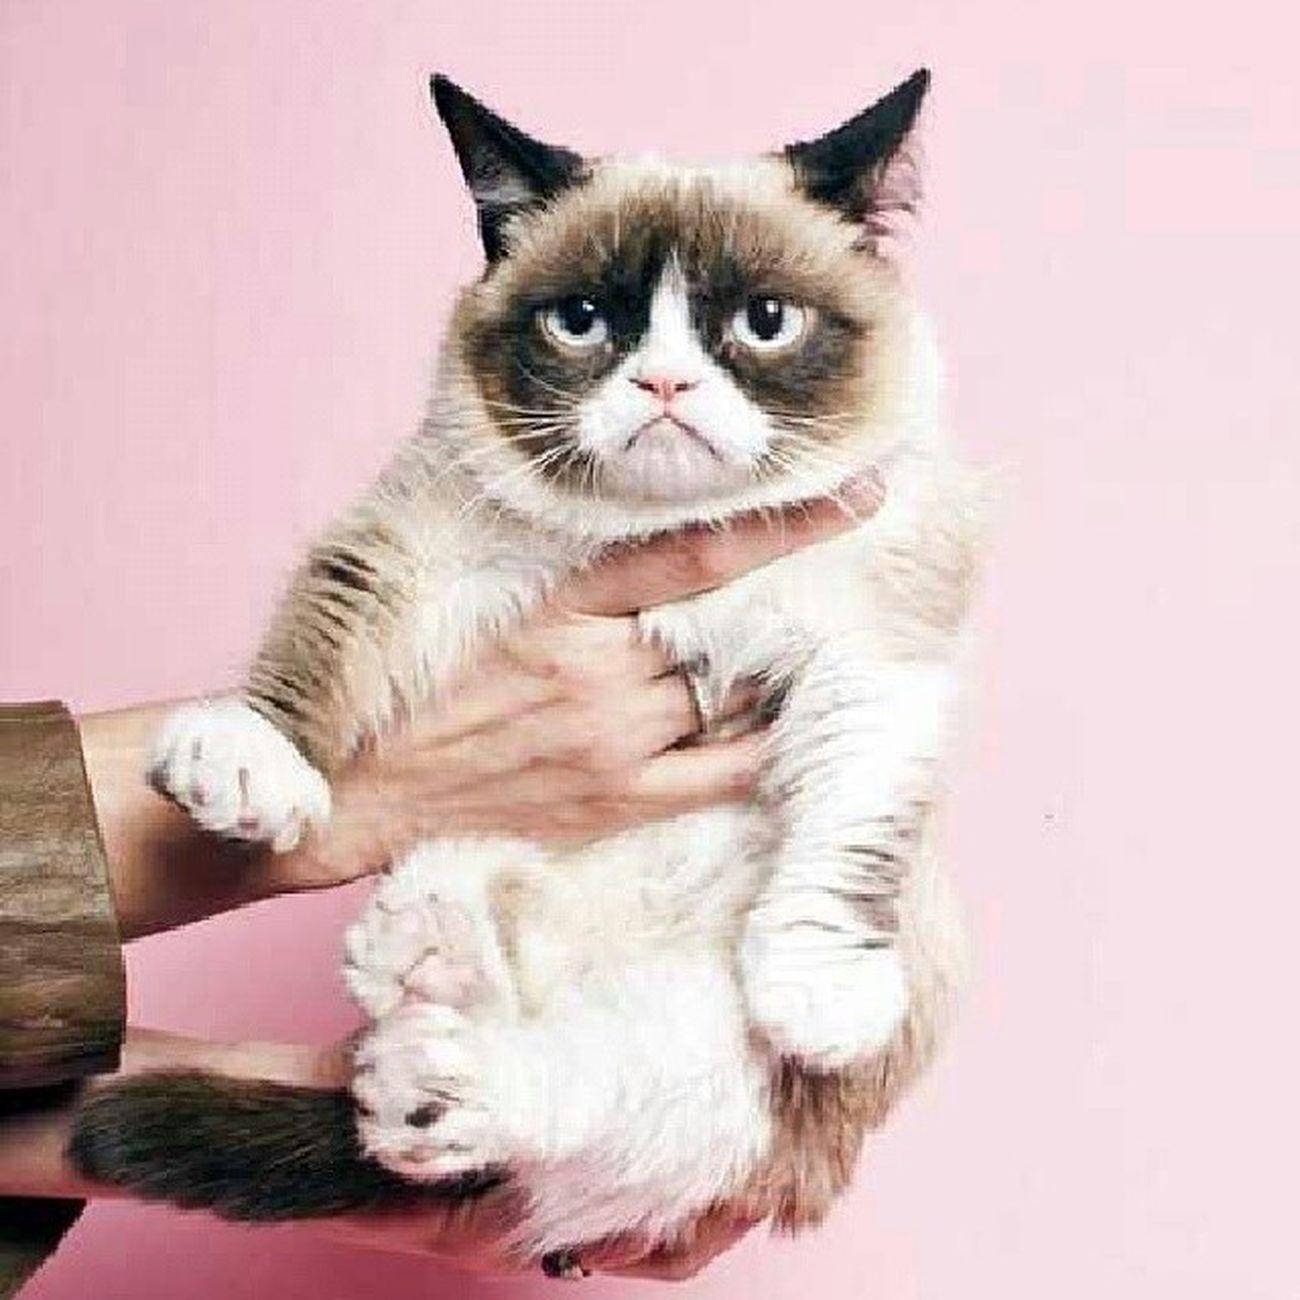 Hooww Grumpy cat Meaow Pinkk